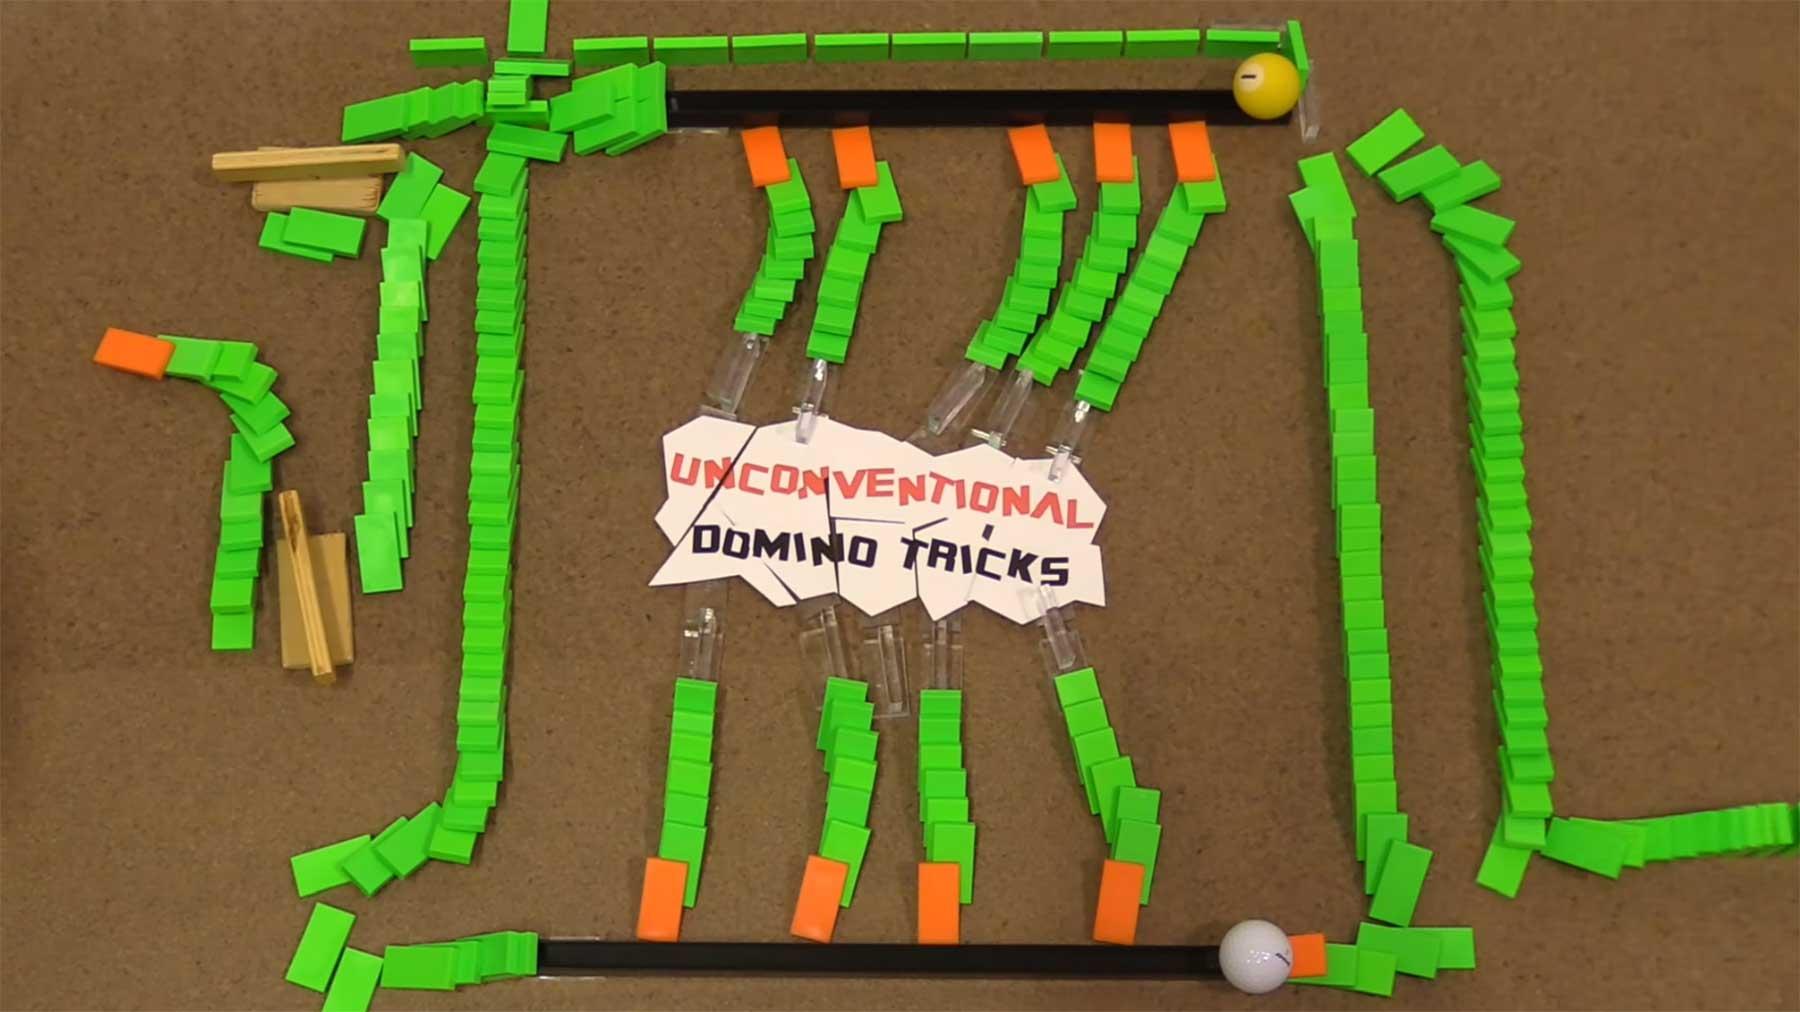 Unkonventionelle Domino-Tricks unkonventionelle-domino-tricks